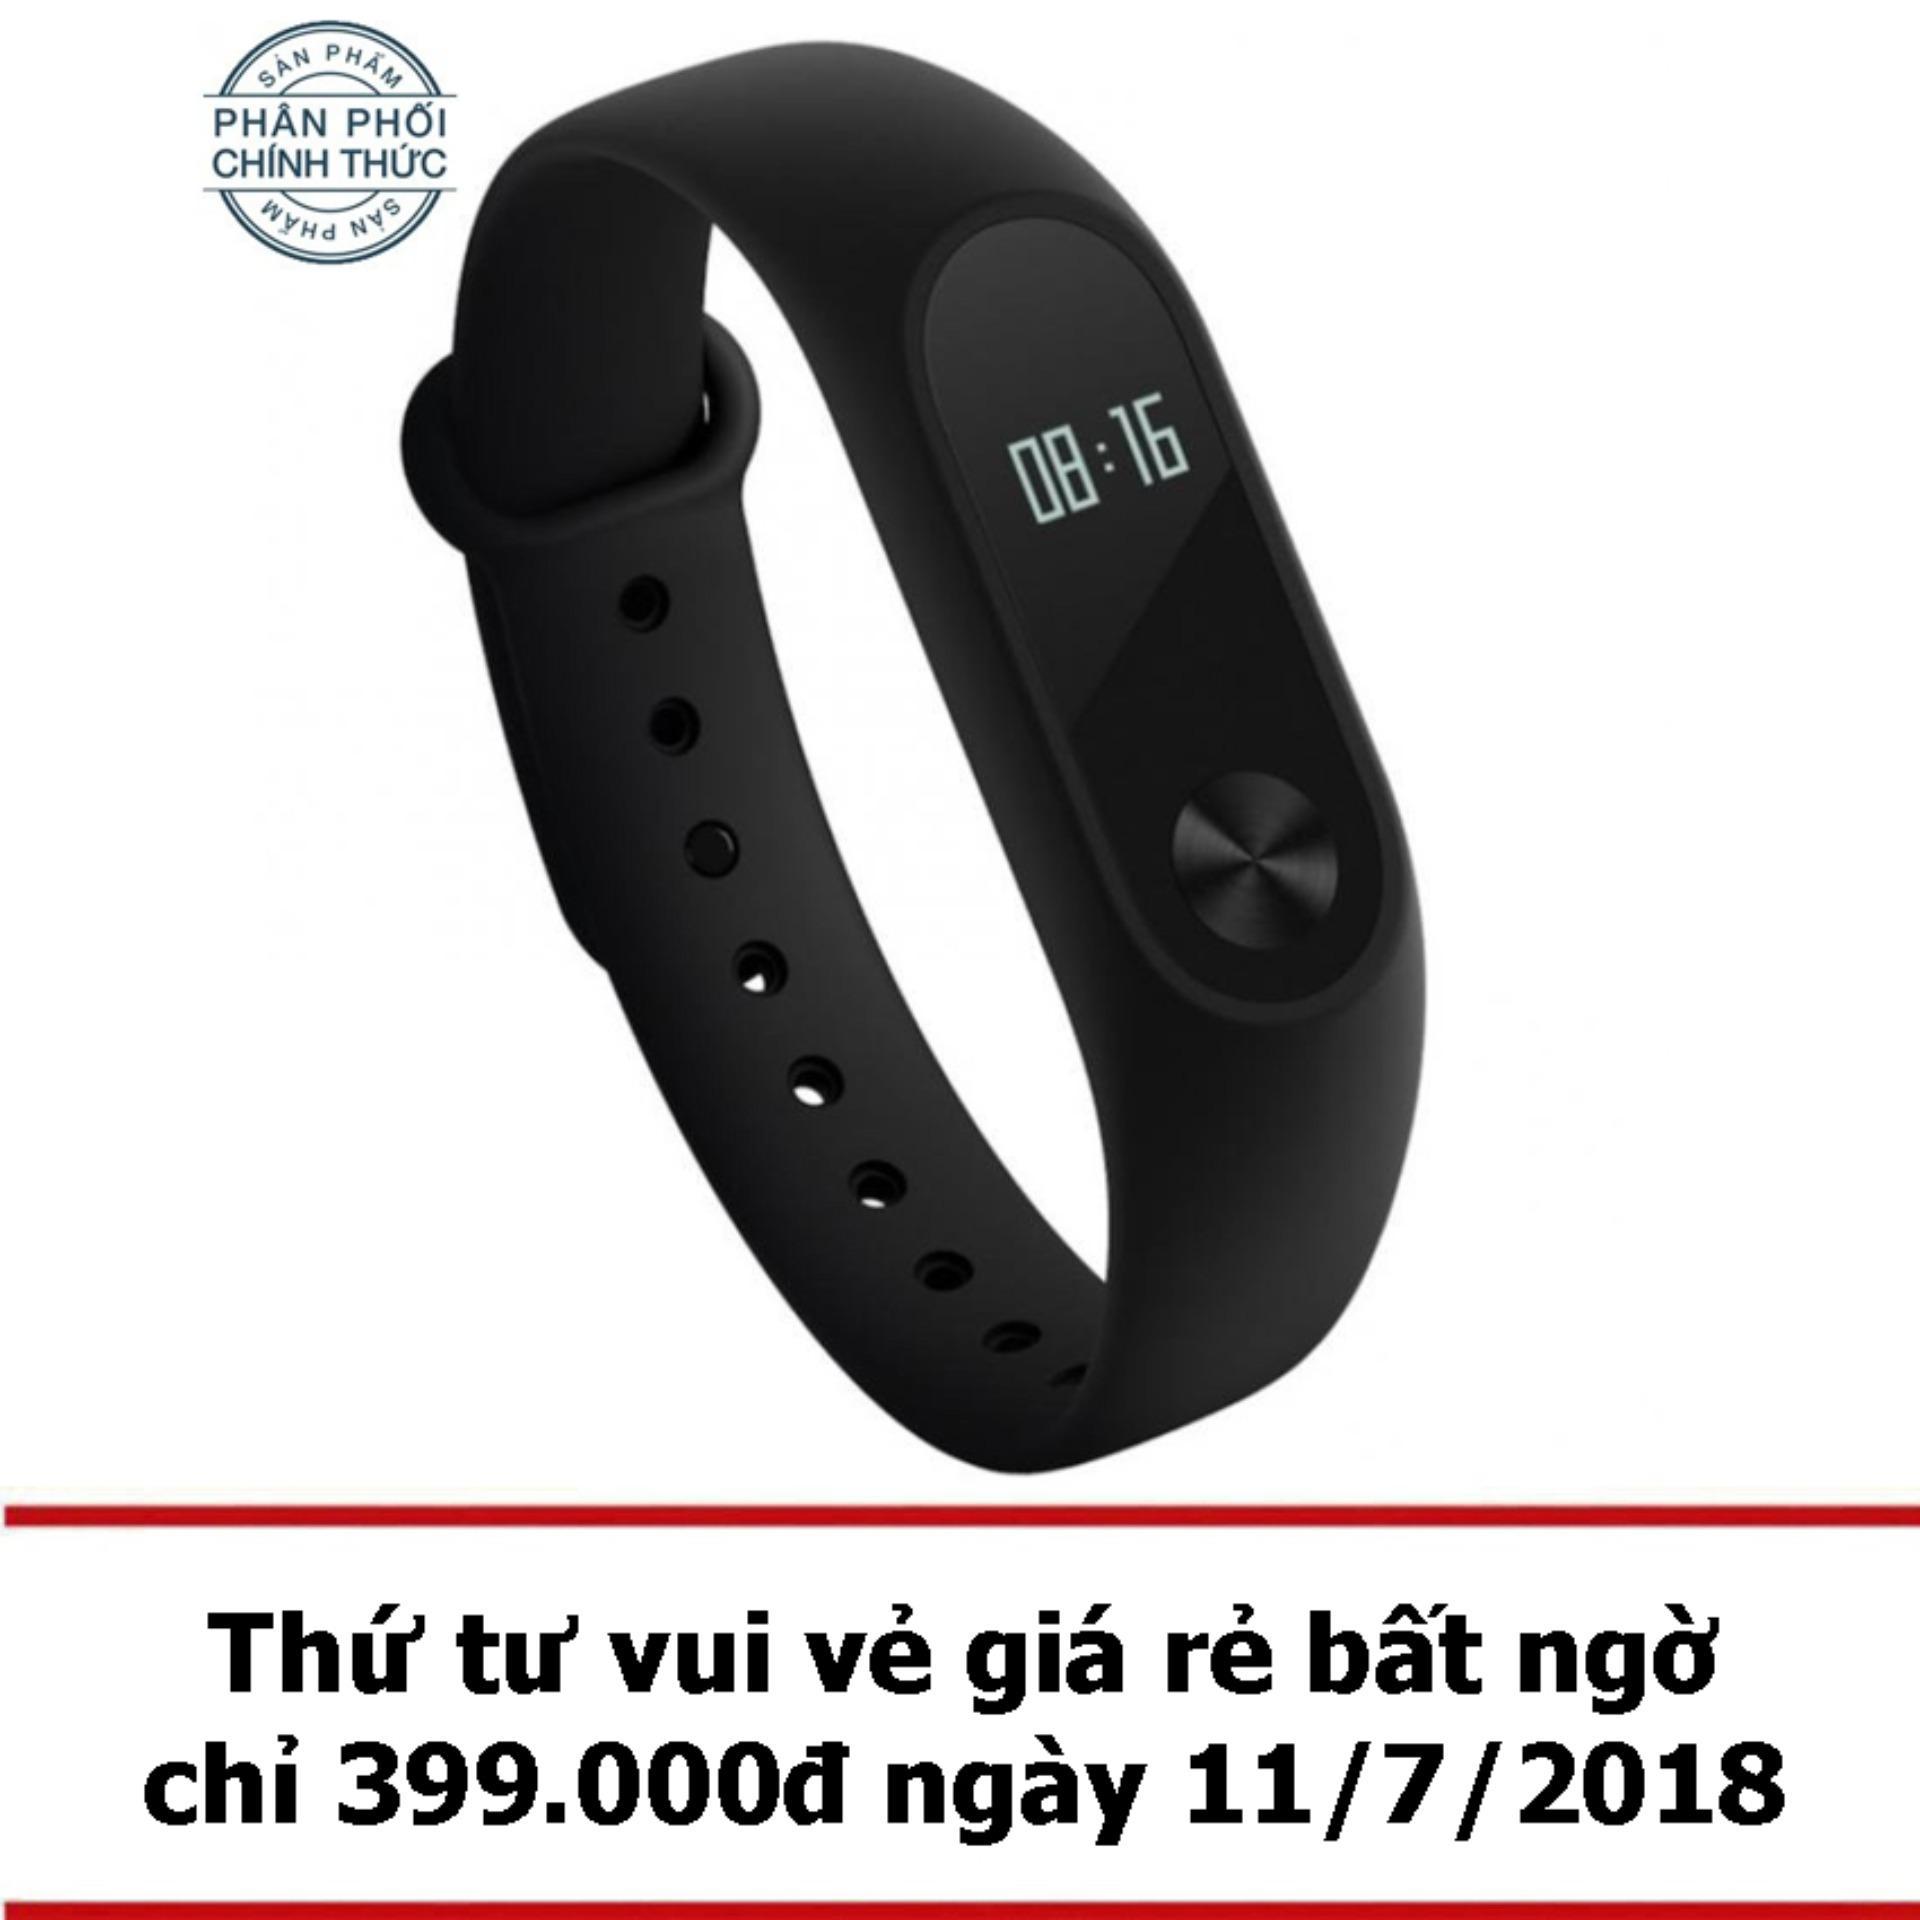 Vòng đeo tay Xiaomi Miband 2 (Đen) - Hãng phân...